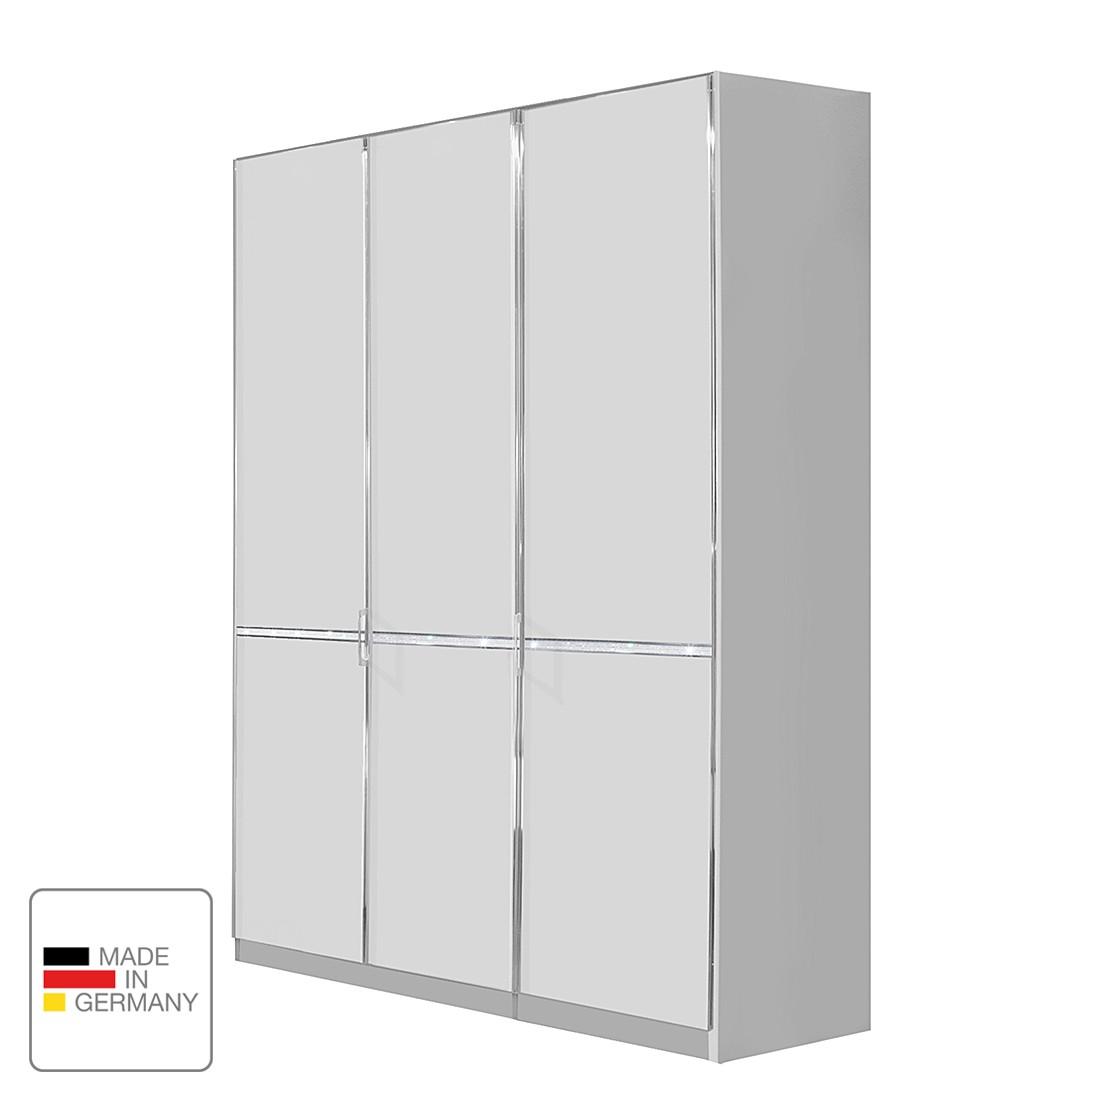 Armoire à portes battantes Dubai - Blanc alpin - 50 cm (1 portes) - butoir à gauche - Sans cadre pas